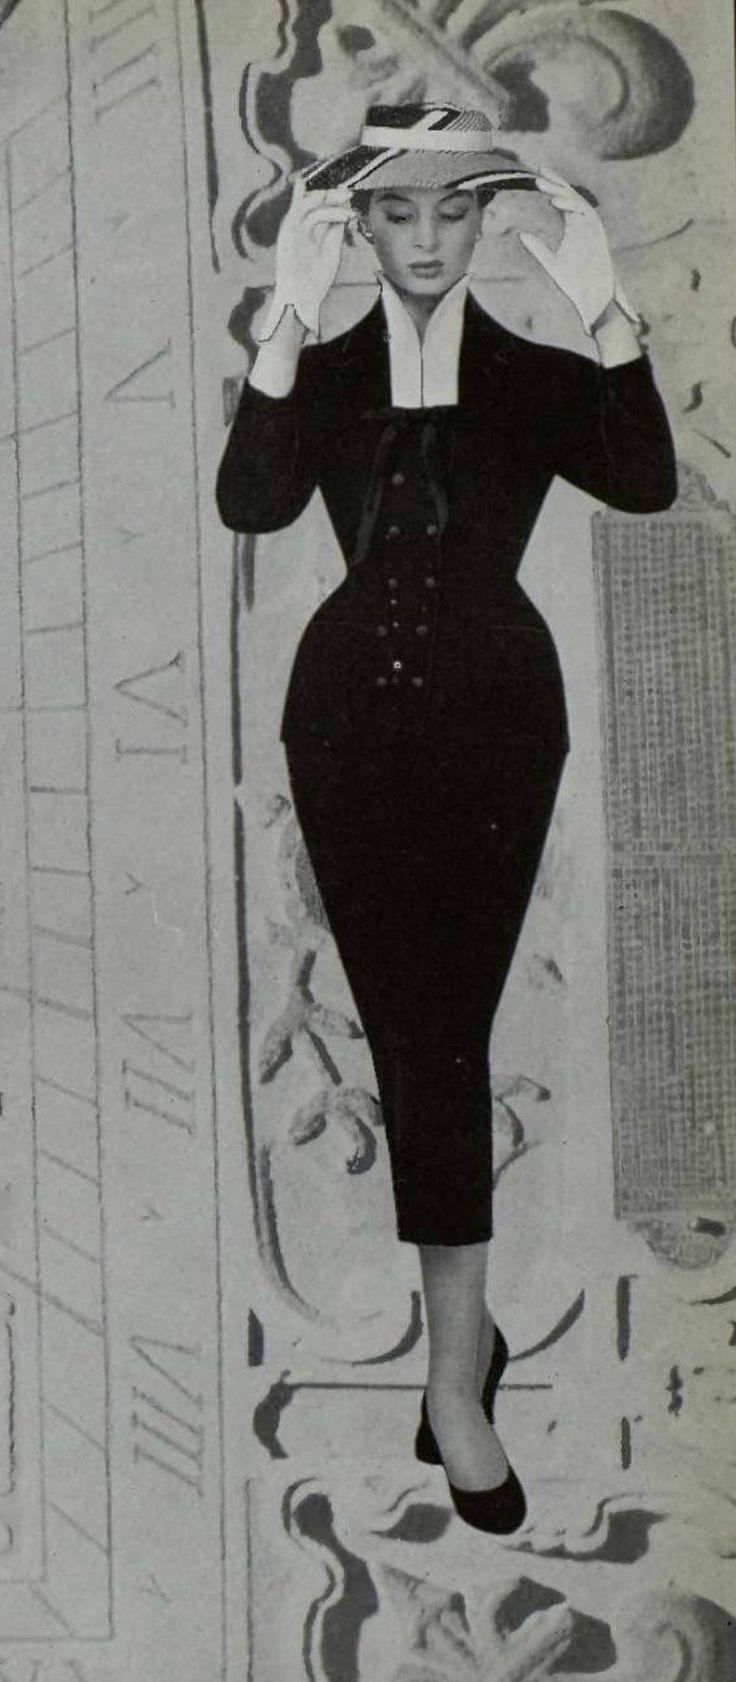 https://flic.kr/p/edqcFw | ensemble 1953 | Ensemble. Bernard Sagardoy. L'art et la mode 1953.